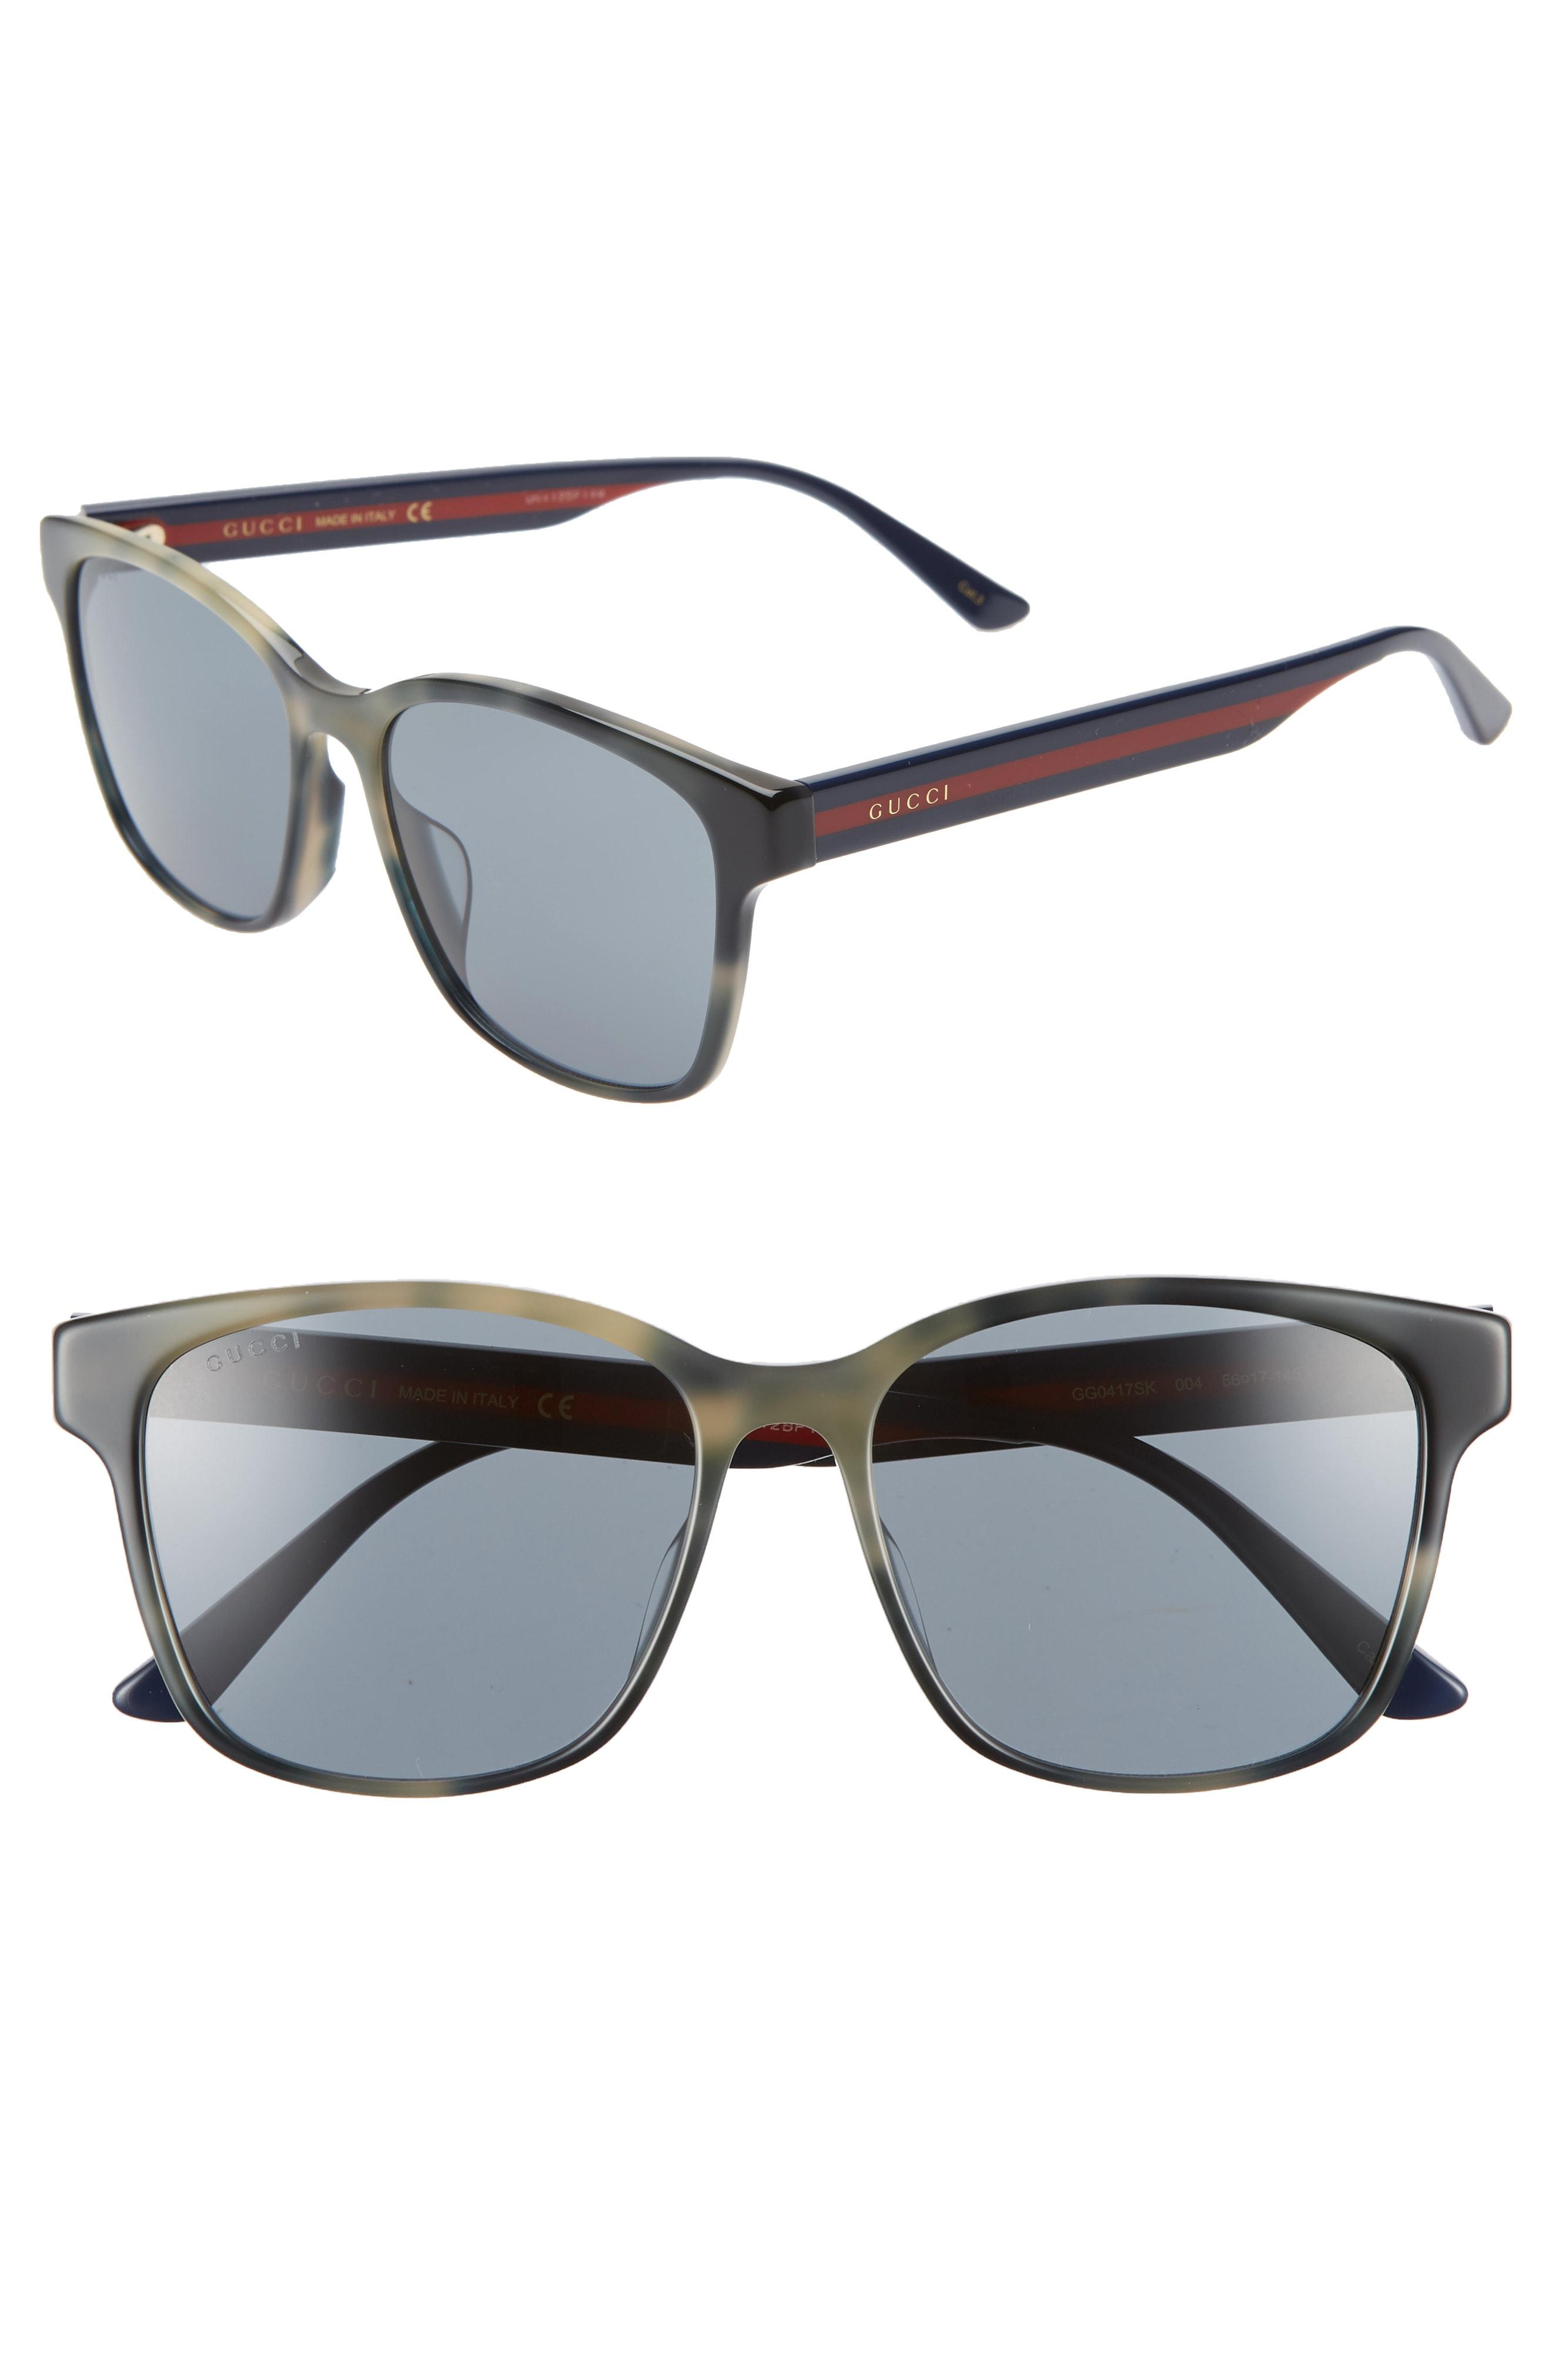 fcb76ebc5 Men's Gucci 56Mm Square Sunglasses – Grey Havana | The Fashionisto